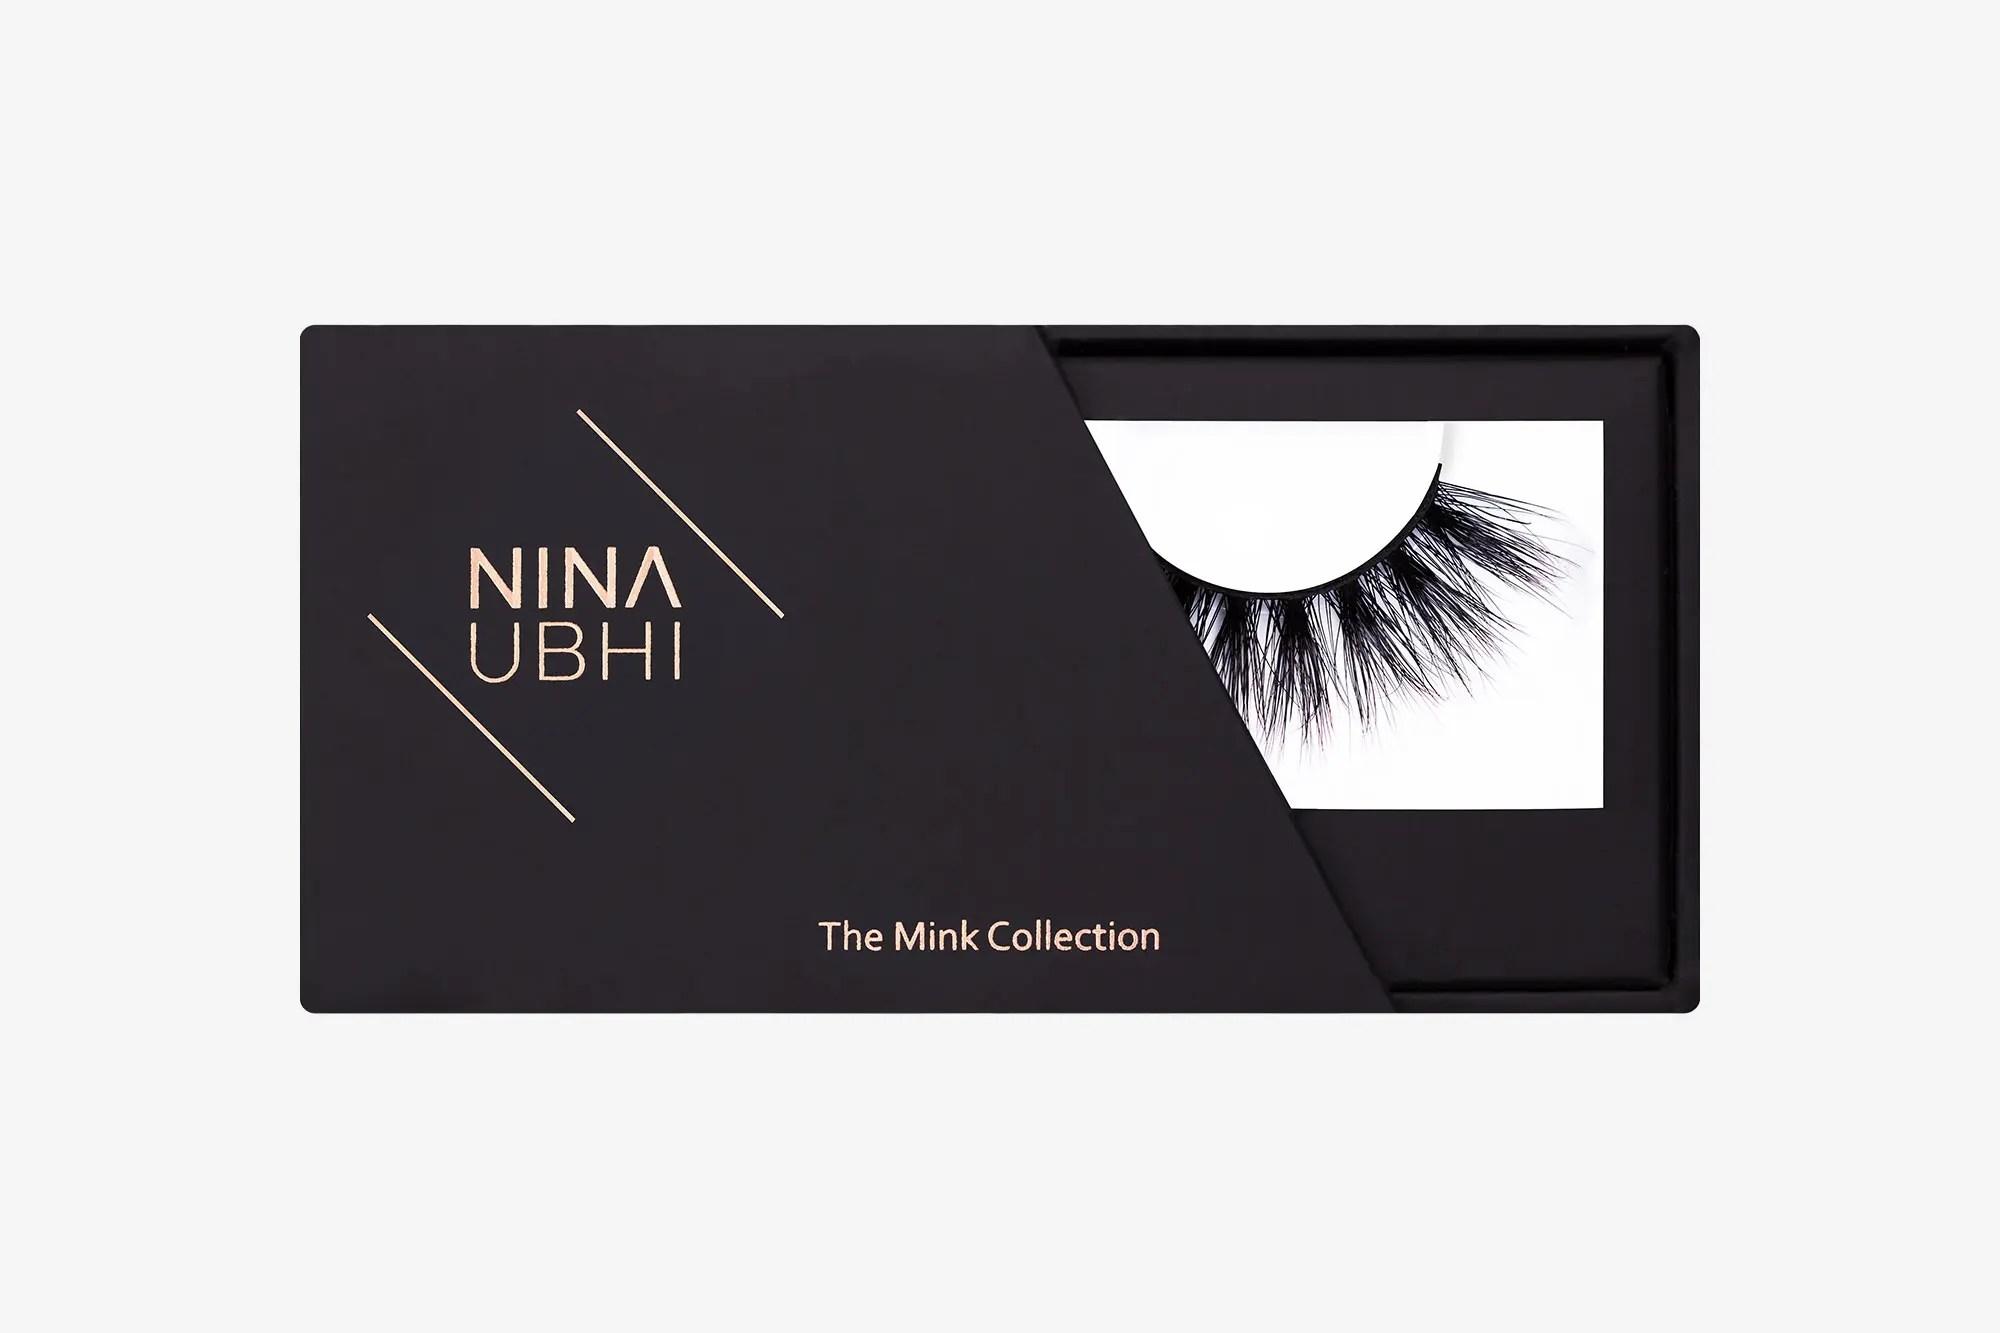 Lola Mink Lashes, false eyelashes in a Nina Ubhi branded box